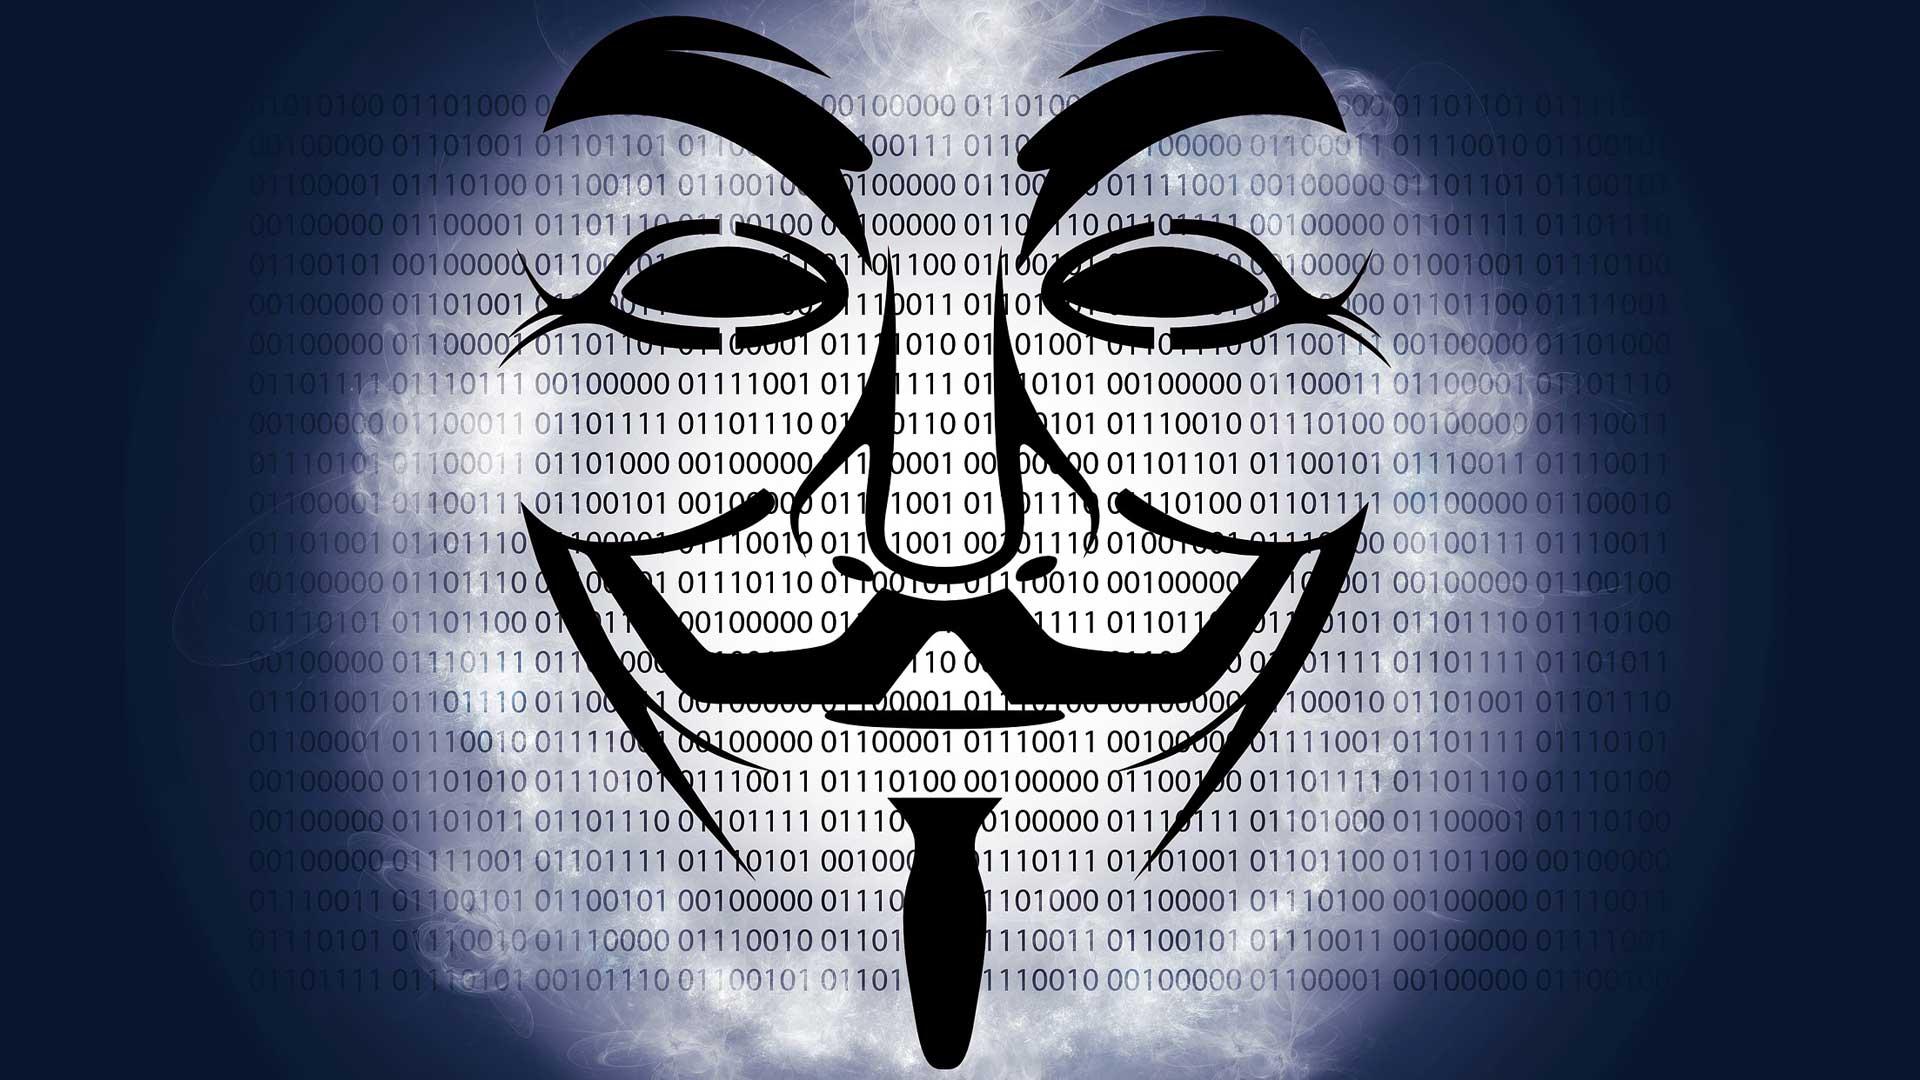 Цензура будущего. Что будет запрещено в интернете? 1